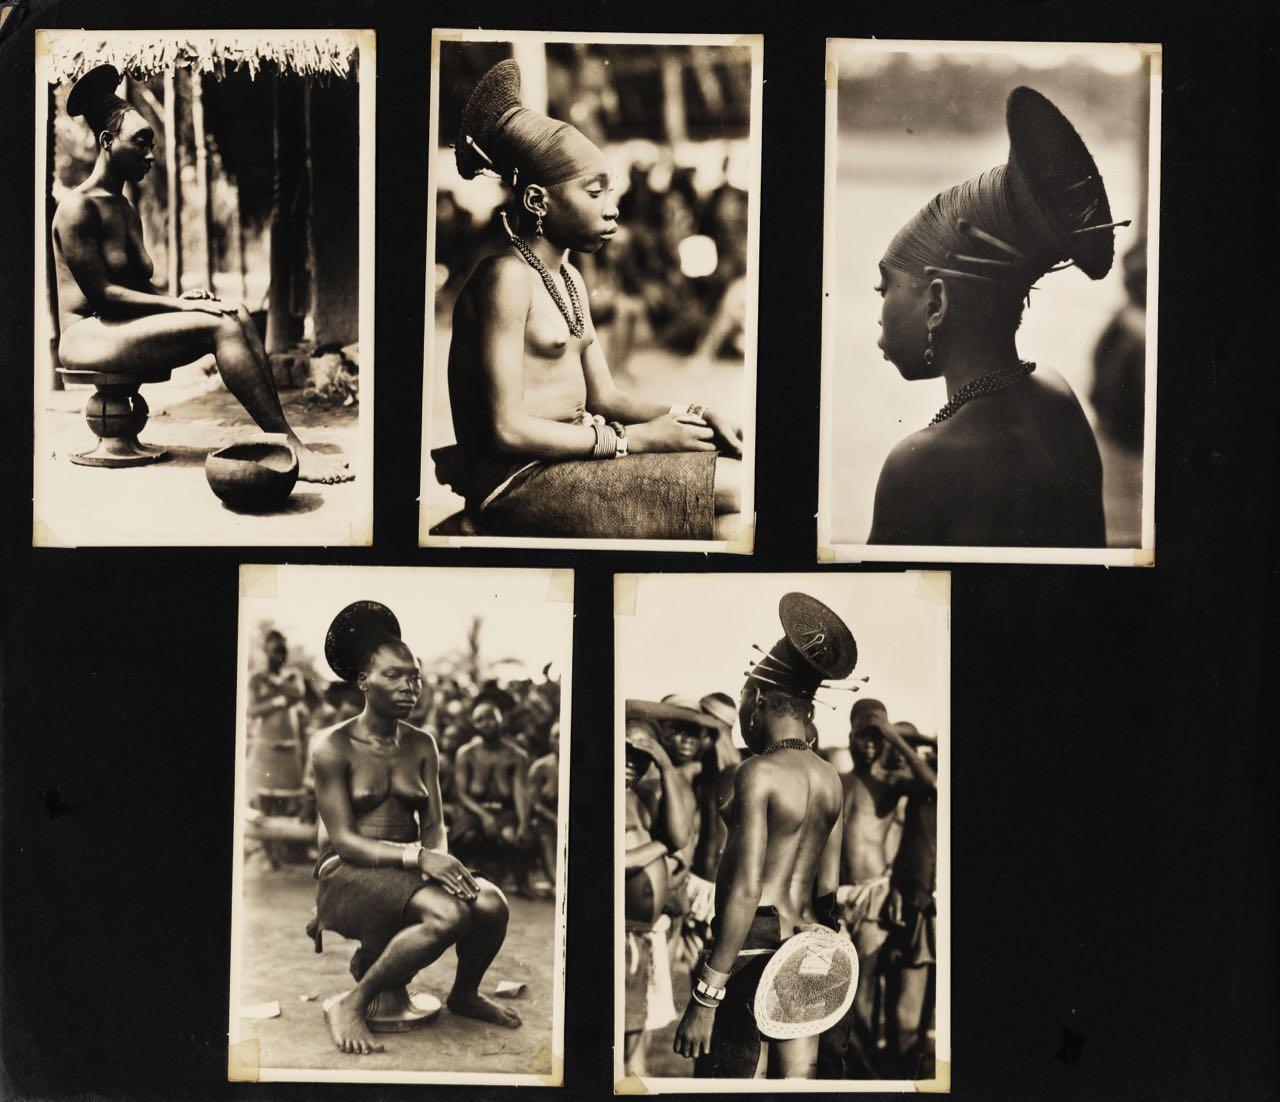 Casimir ZAGOURSKI L'Afrique qui disparaît Un rare album photographique réunissant 550 tirages argentiques d'époque